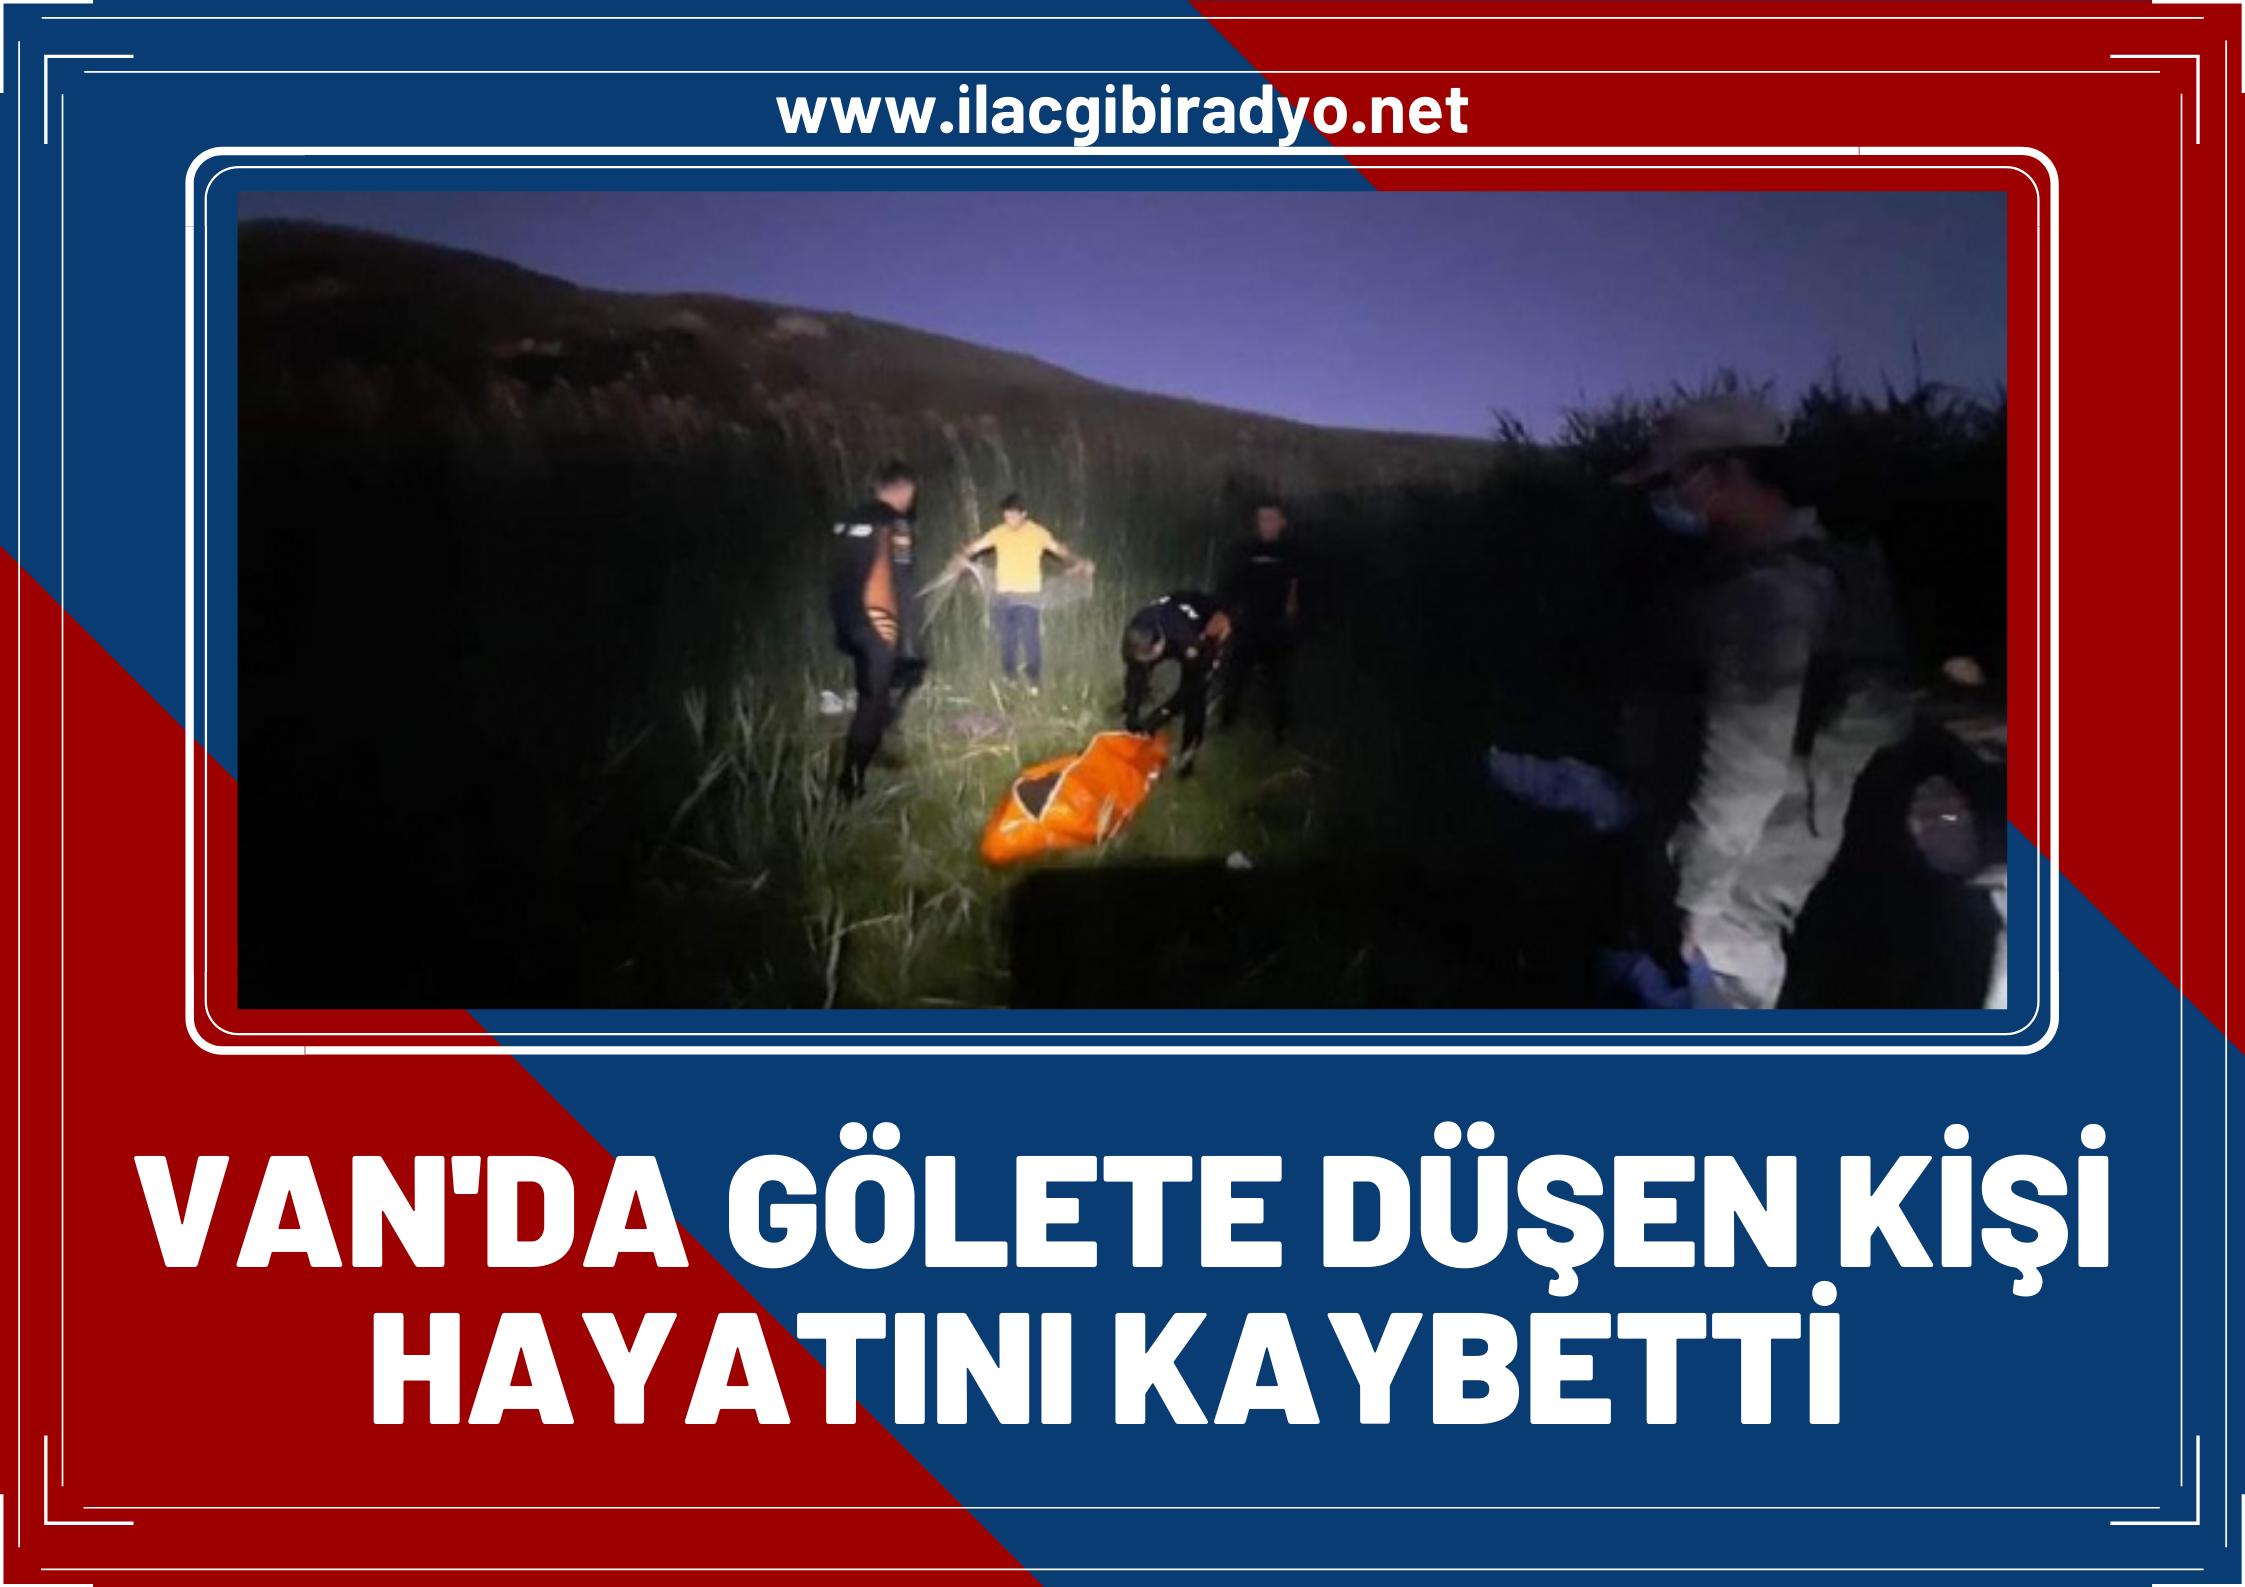 Van'da gölete düşen bir kişi hayatını kaybetti!